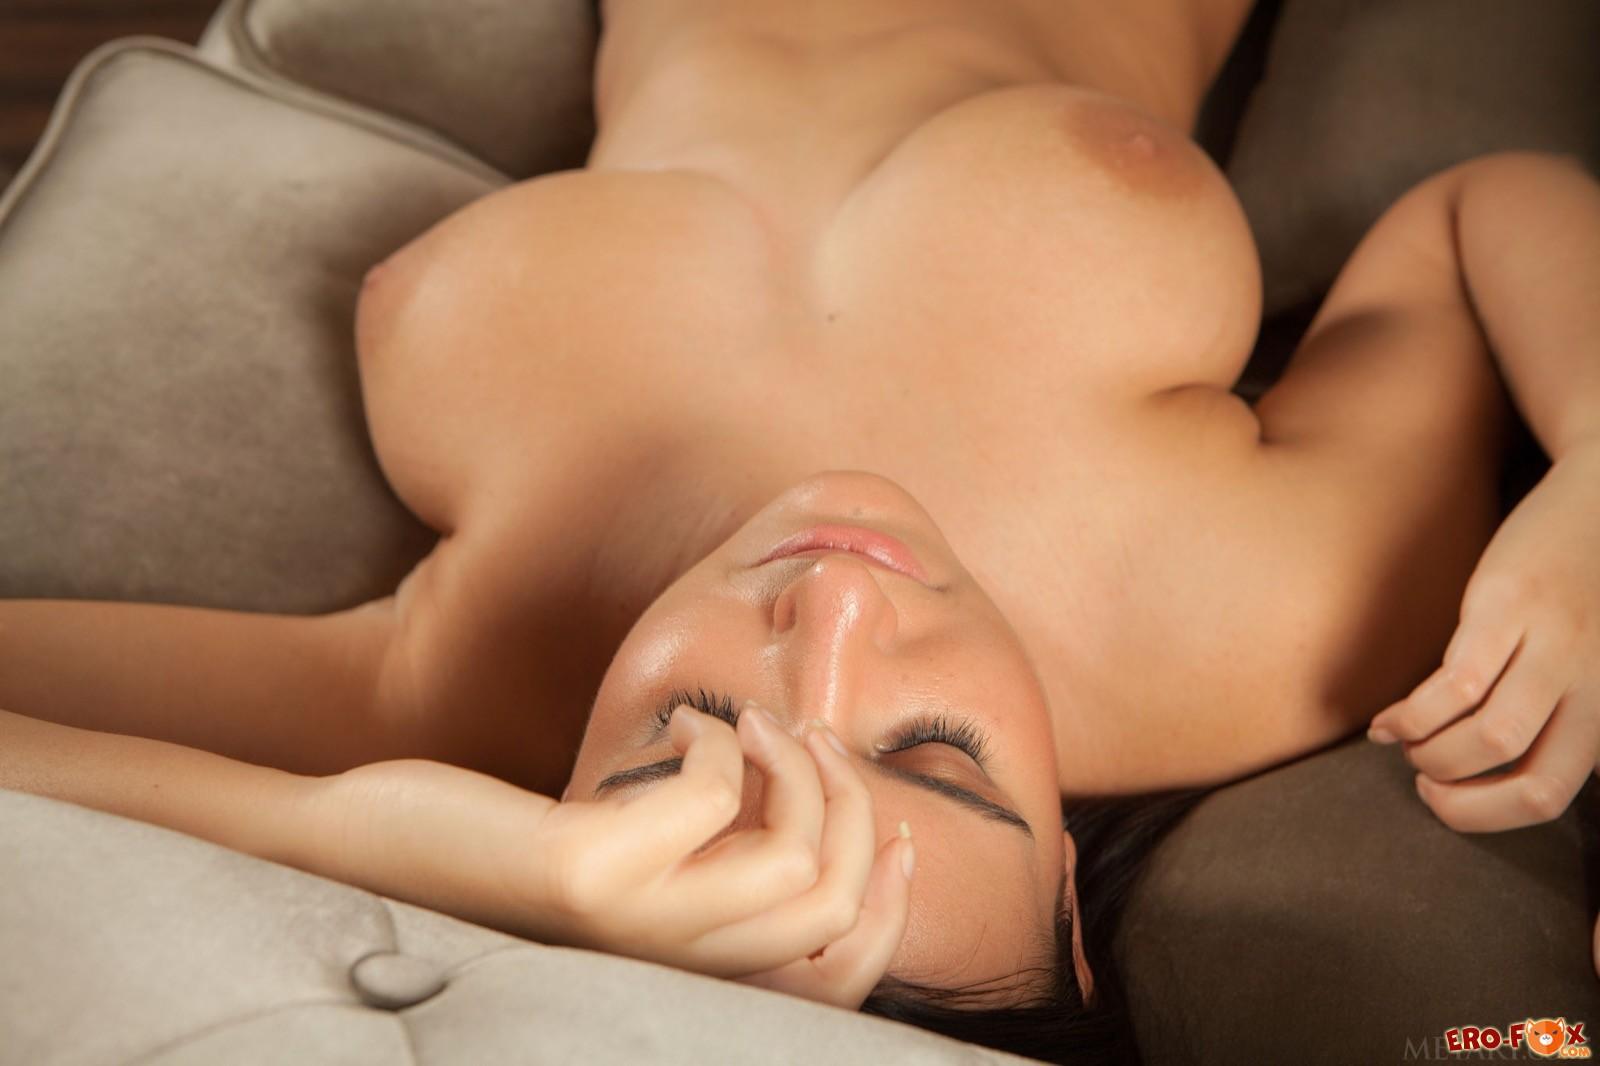 Большая грудь молодой девушки с волосатой писькой